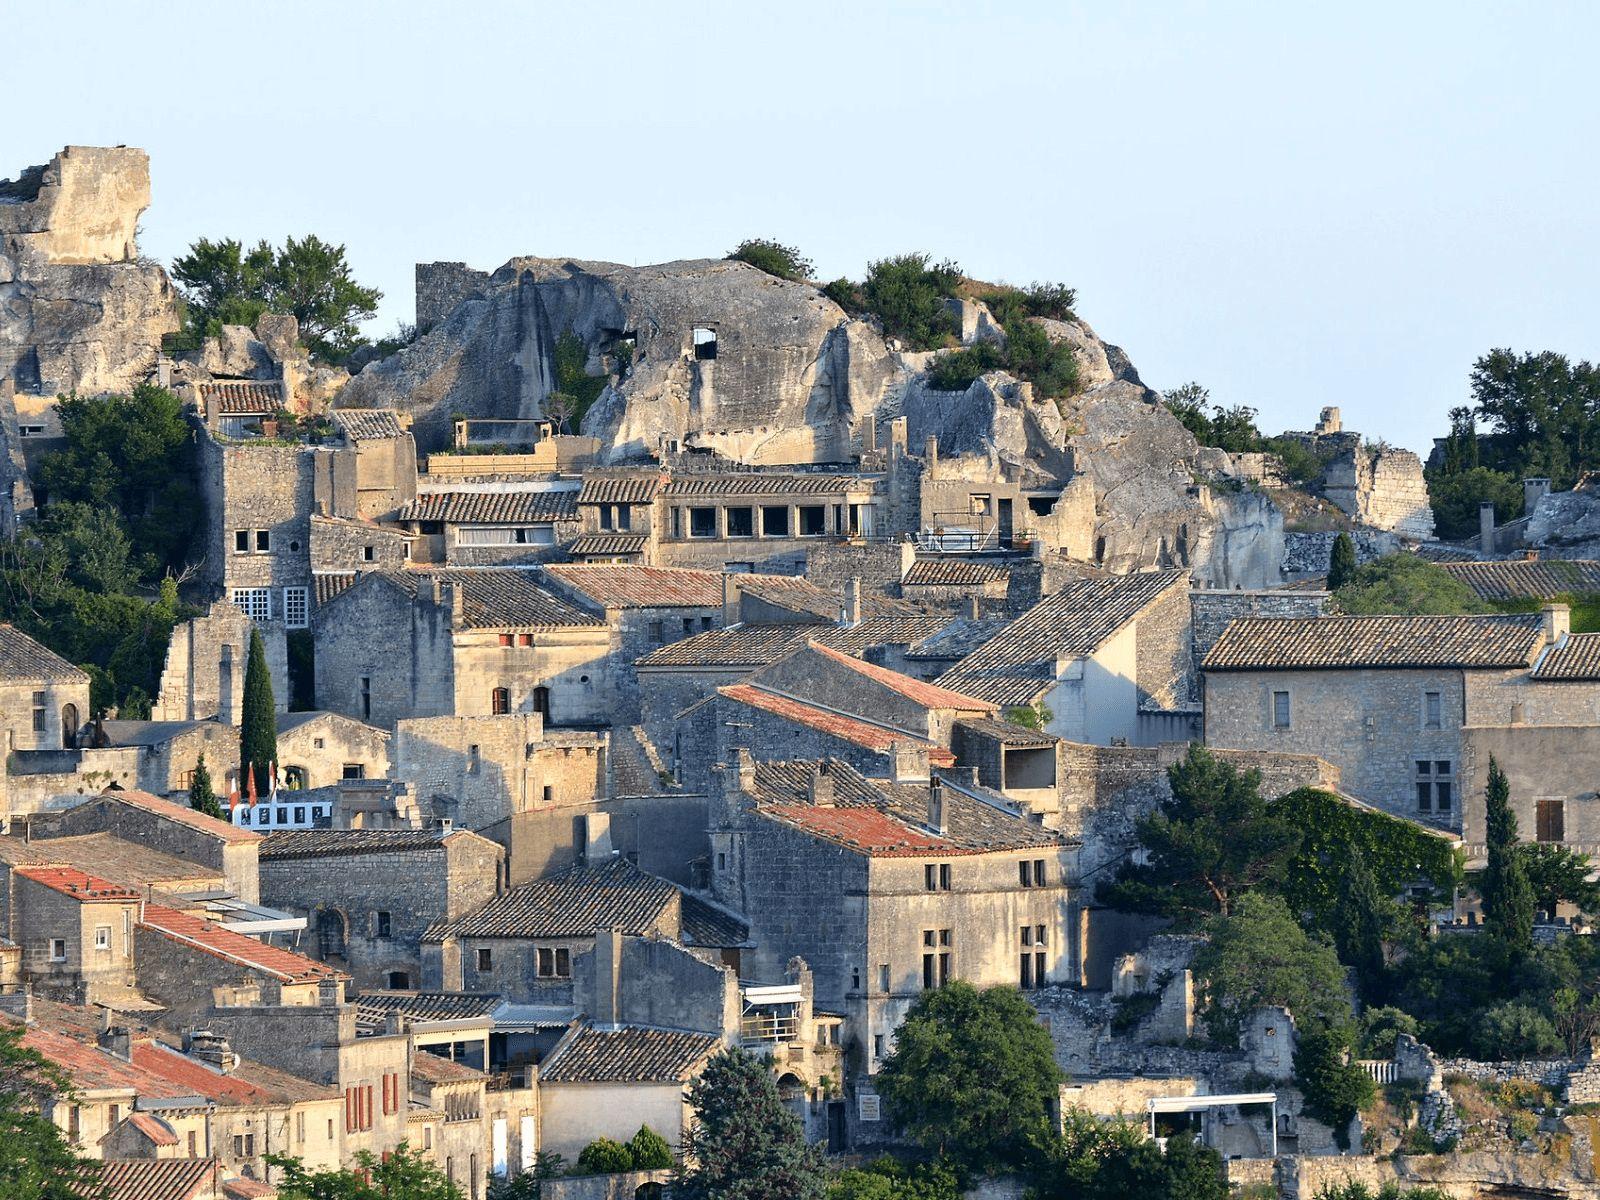 Španjolska i Provansa: Les-Baux-de-Provence